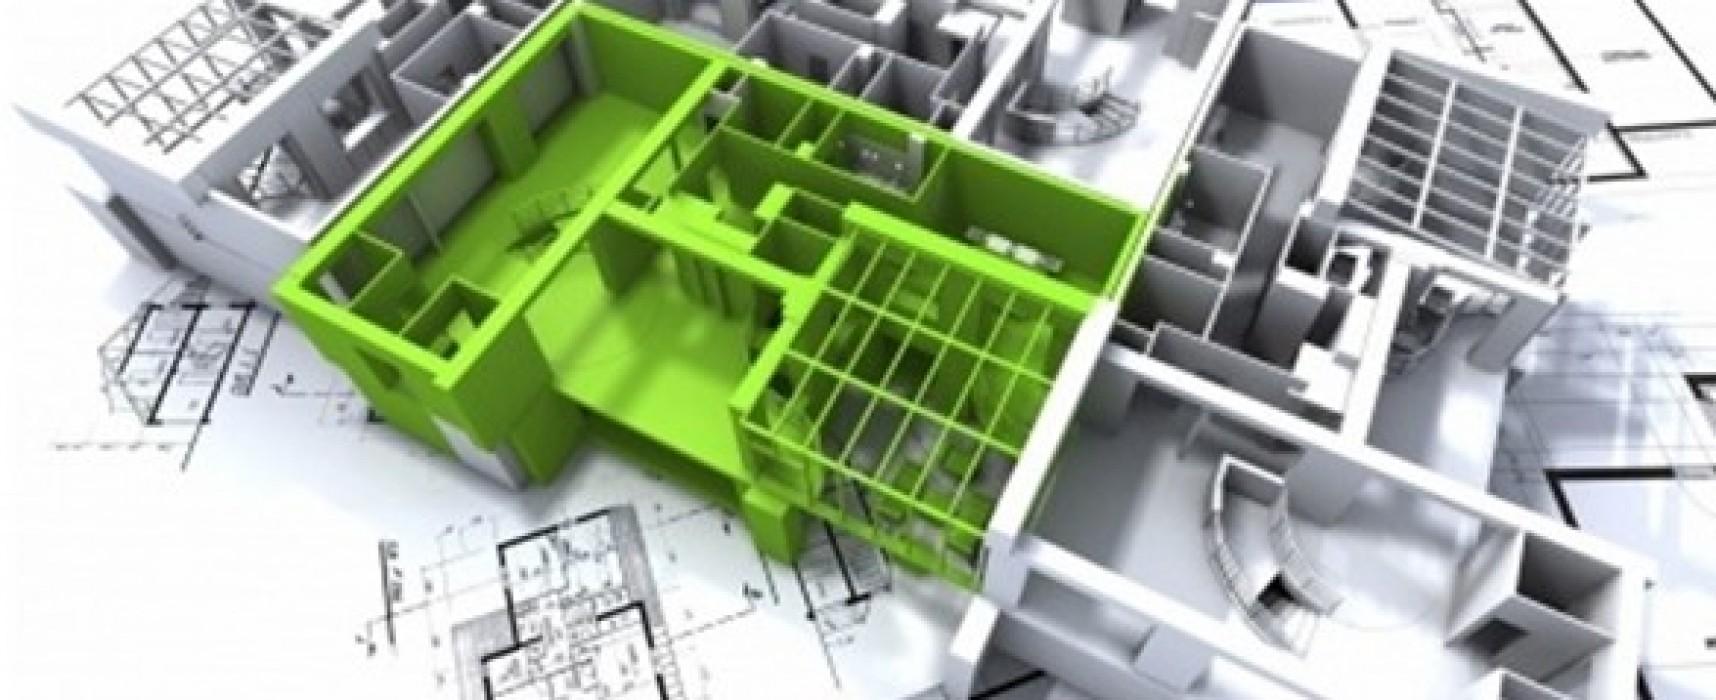 Технический план объекта недвижимости